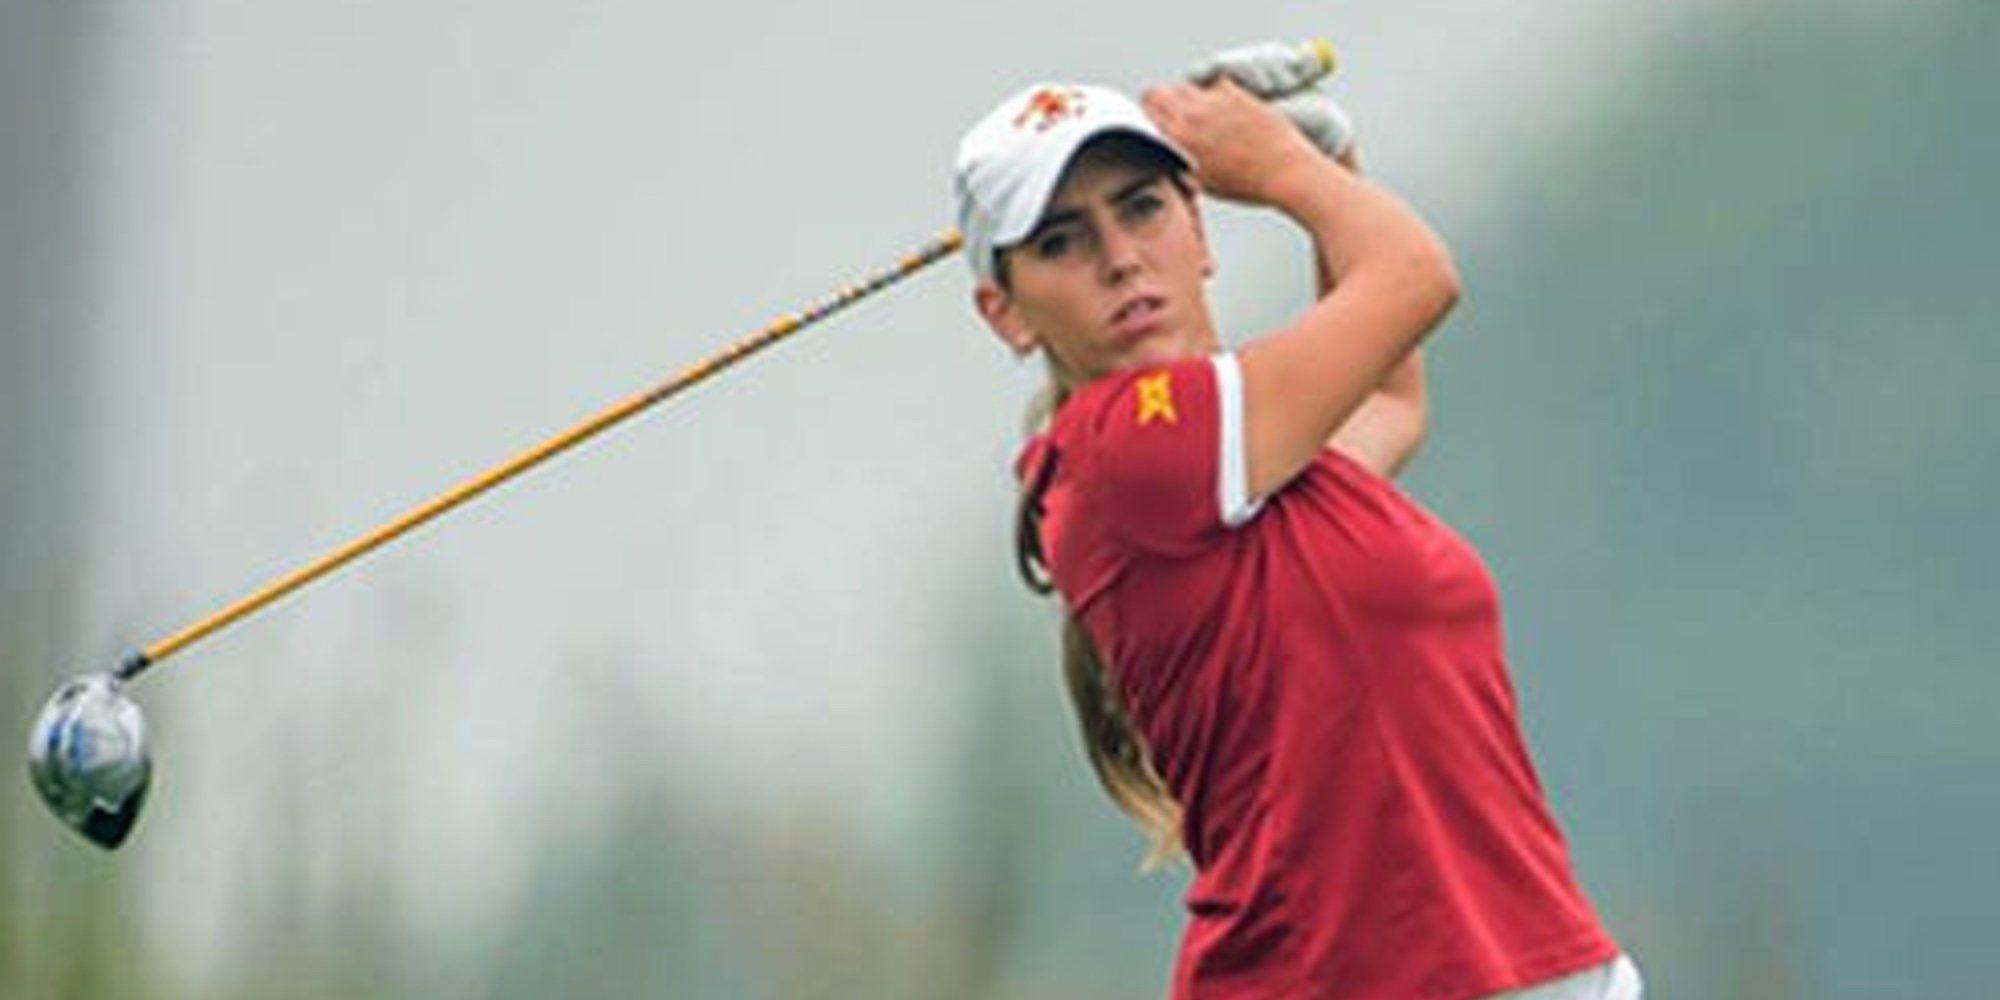 David Bustamante conocía a Celia Barquín porque coincidieron en un torneo de golf en Cantabria